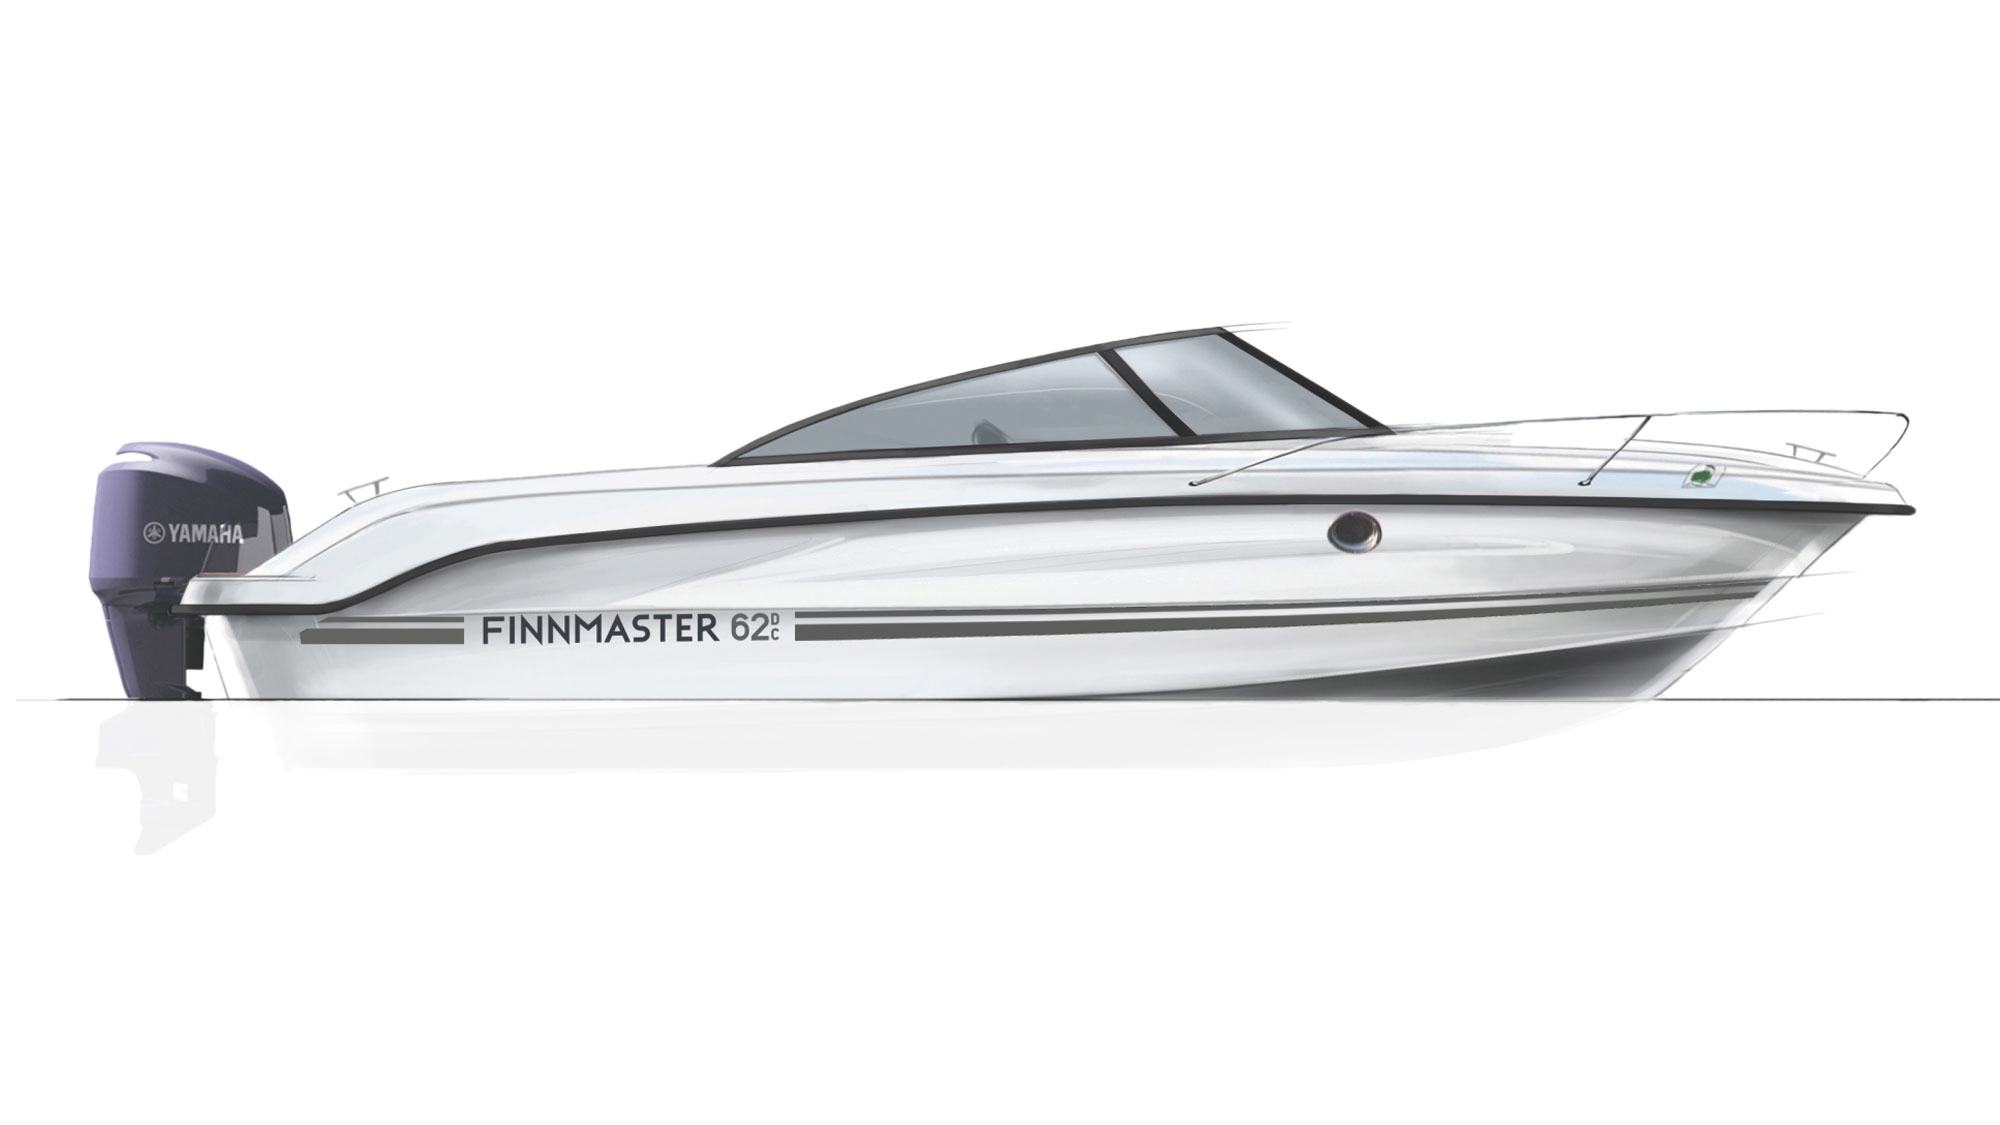 Finnmaster 62DC